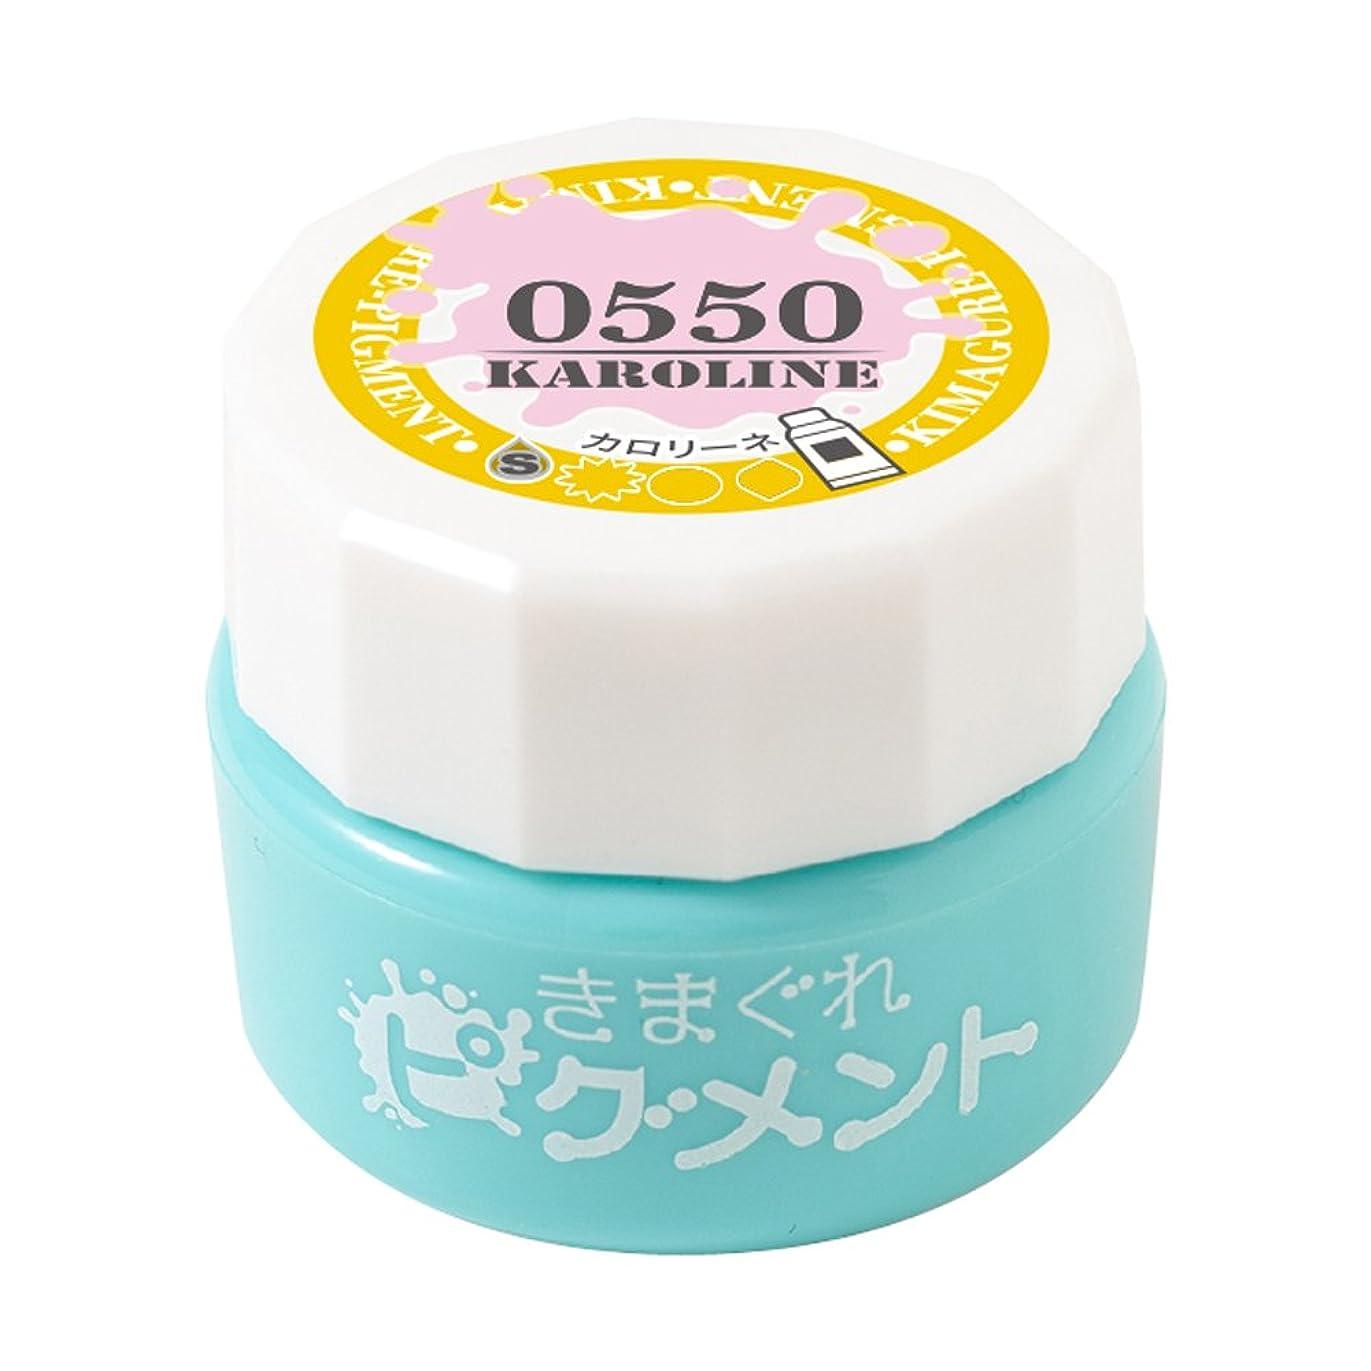 についてごみヶ月目Bettygel きまぐれピグメント カロリーネ QYJ-0550 4g UV/LED対応